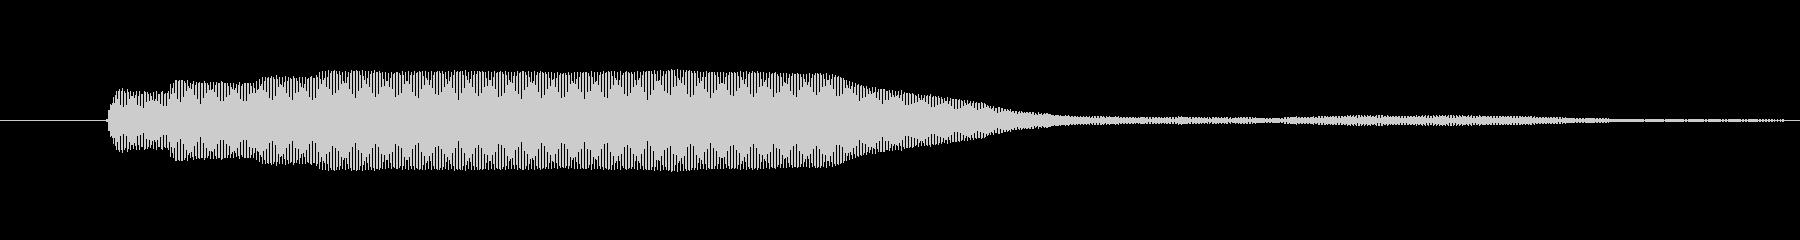 システム音05の未再生の波形